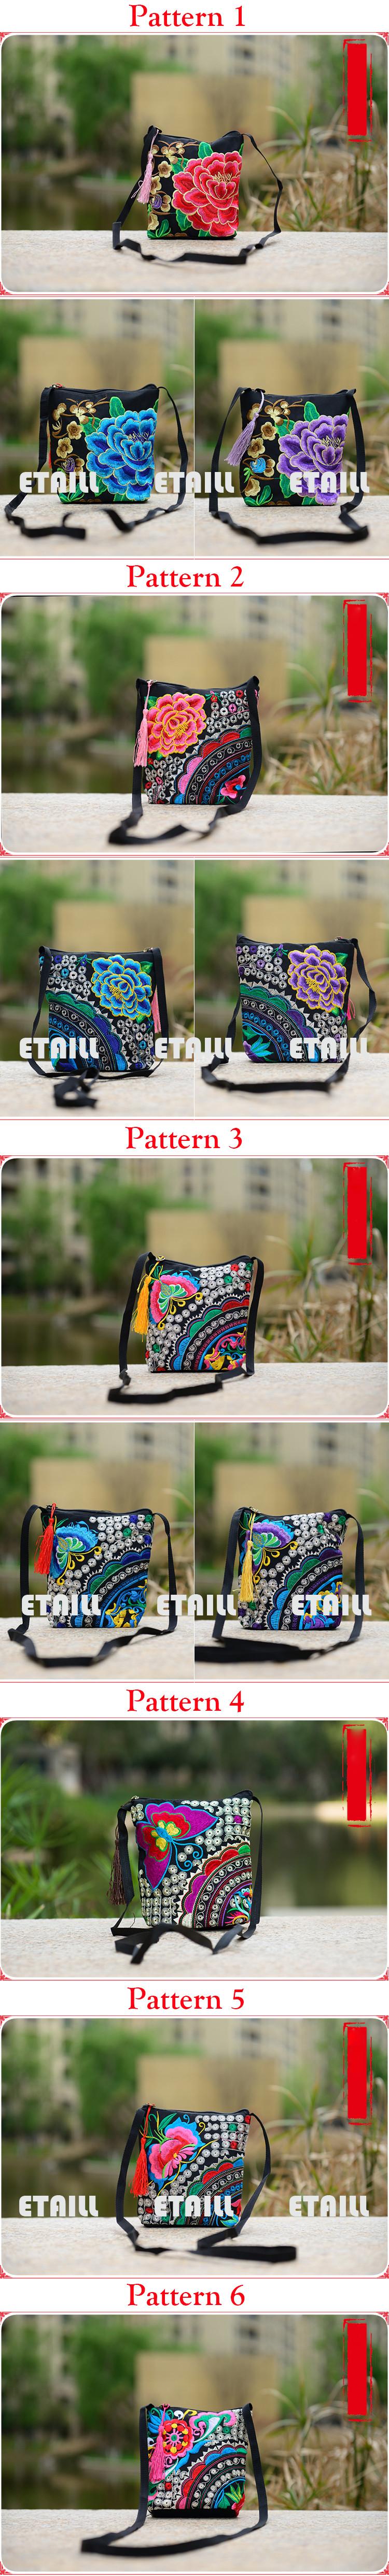 bag fashion ladies embroidery